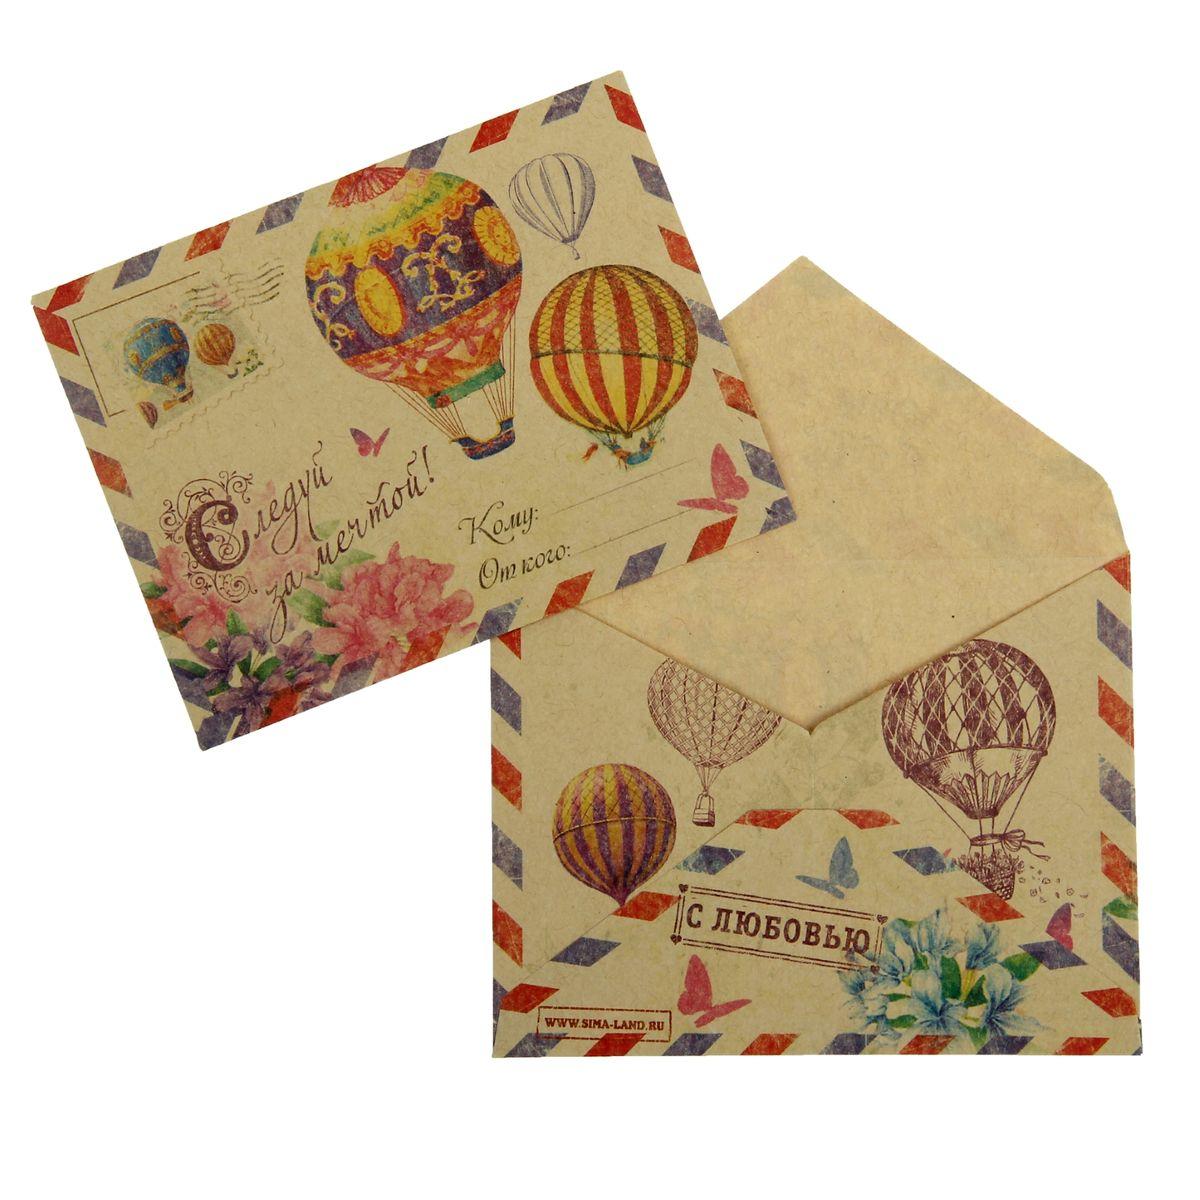 Конверт подарочный Следуй за мечтой55052Выполненный из бумаги подарочный конверт Следуй за мечтой поможет вам украсить подарок для близкого человека. На лицевой стороне конверта имеется красочное изображение аэростатов, цветов, марок и бабочек. Также есть 2 поля: Кому и От кого. Конверт Следуй за мечтой - отличный выбор для оформления подарка.